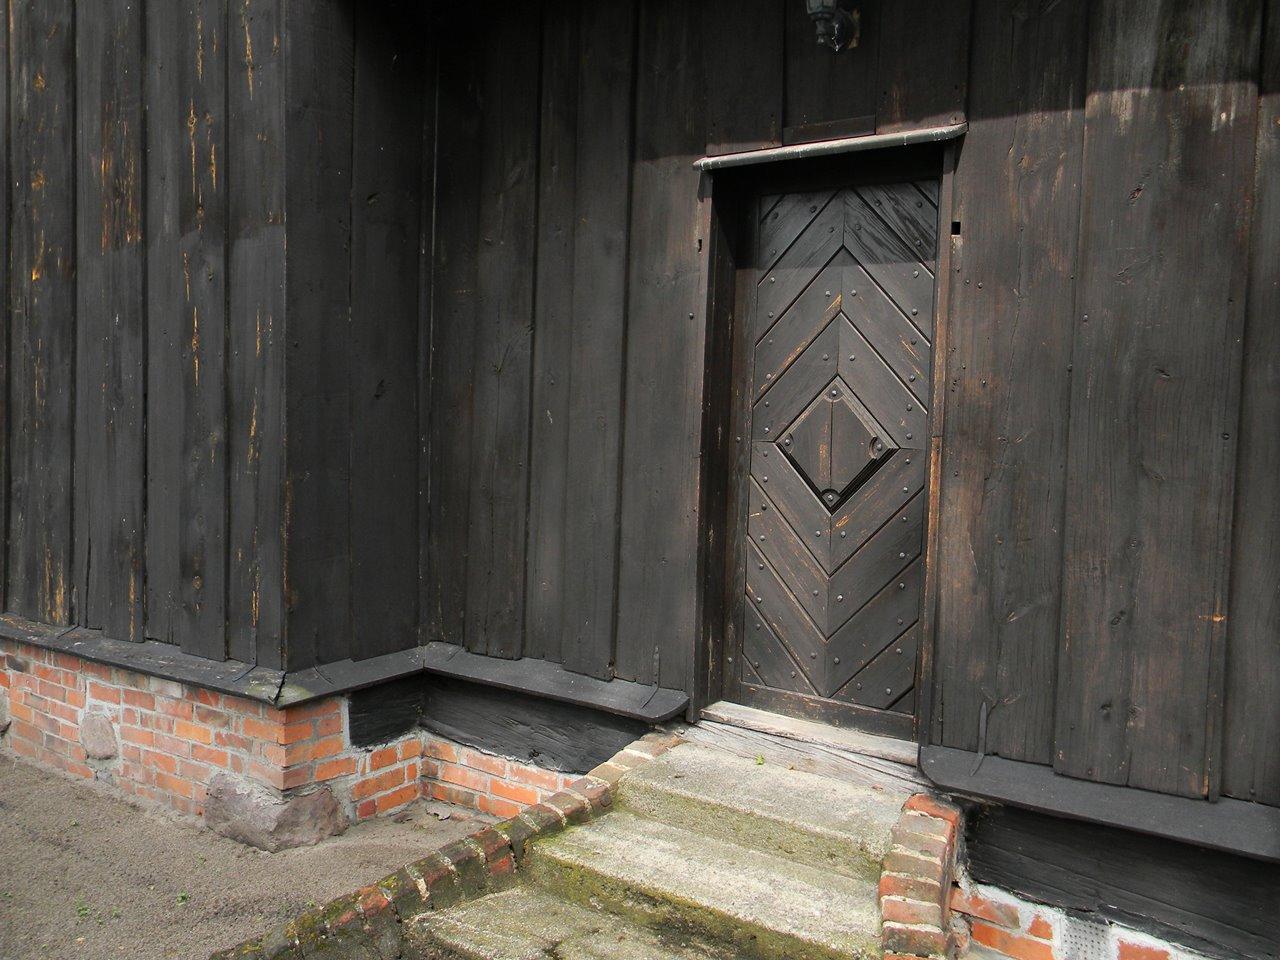 drzwi, schody, drewniana budowla